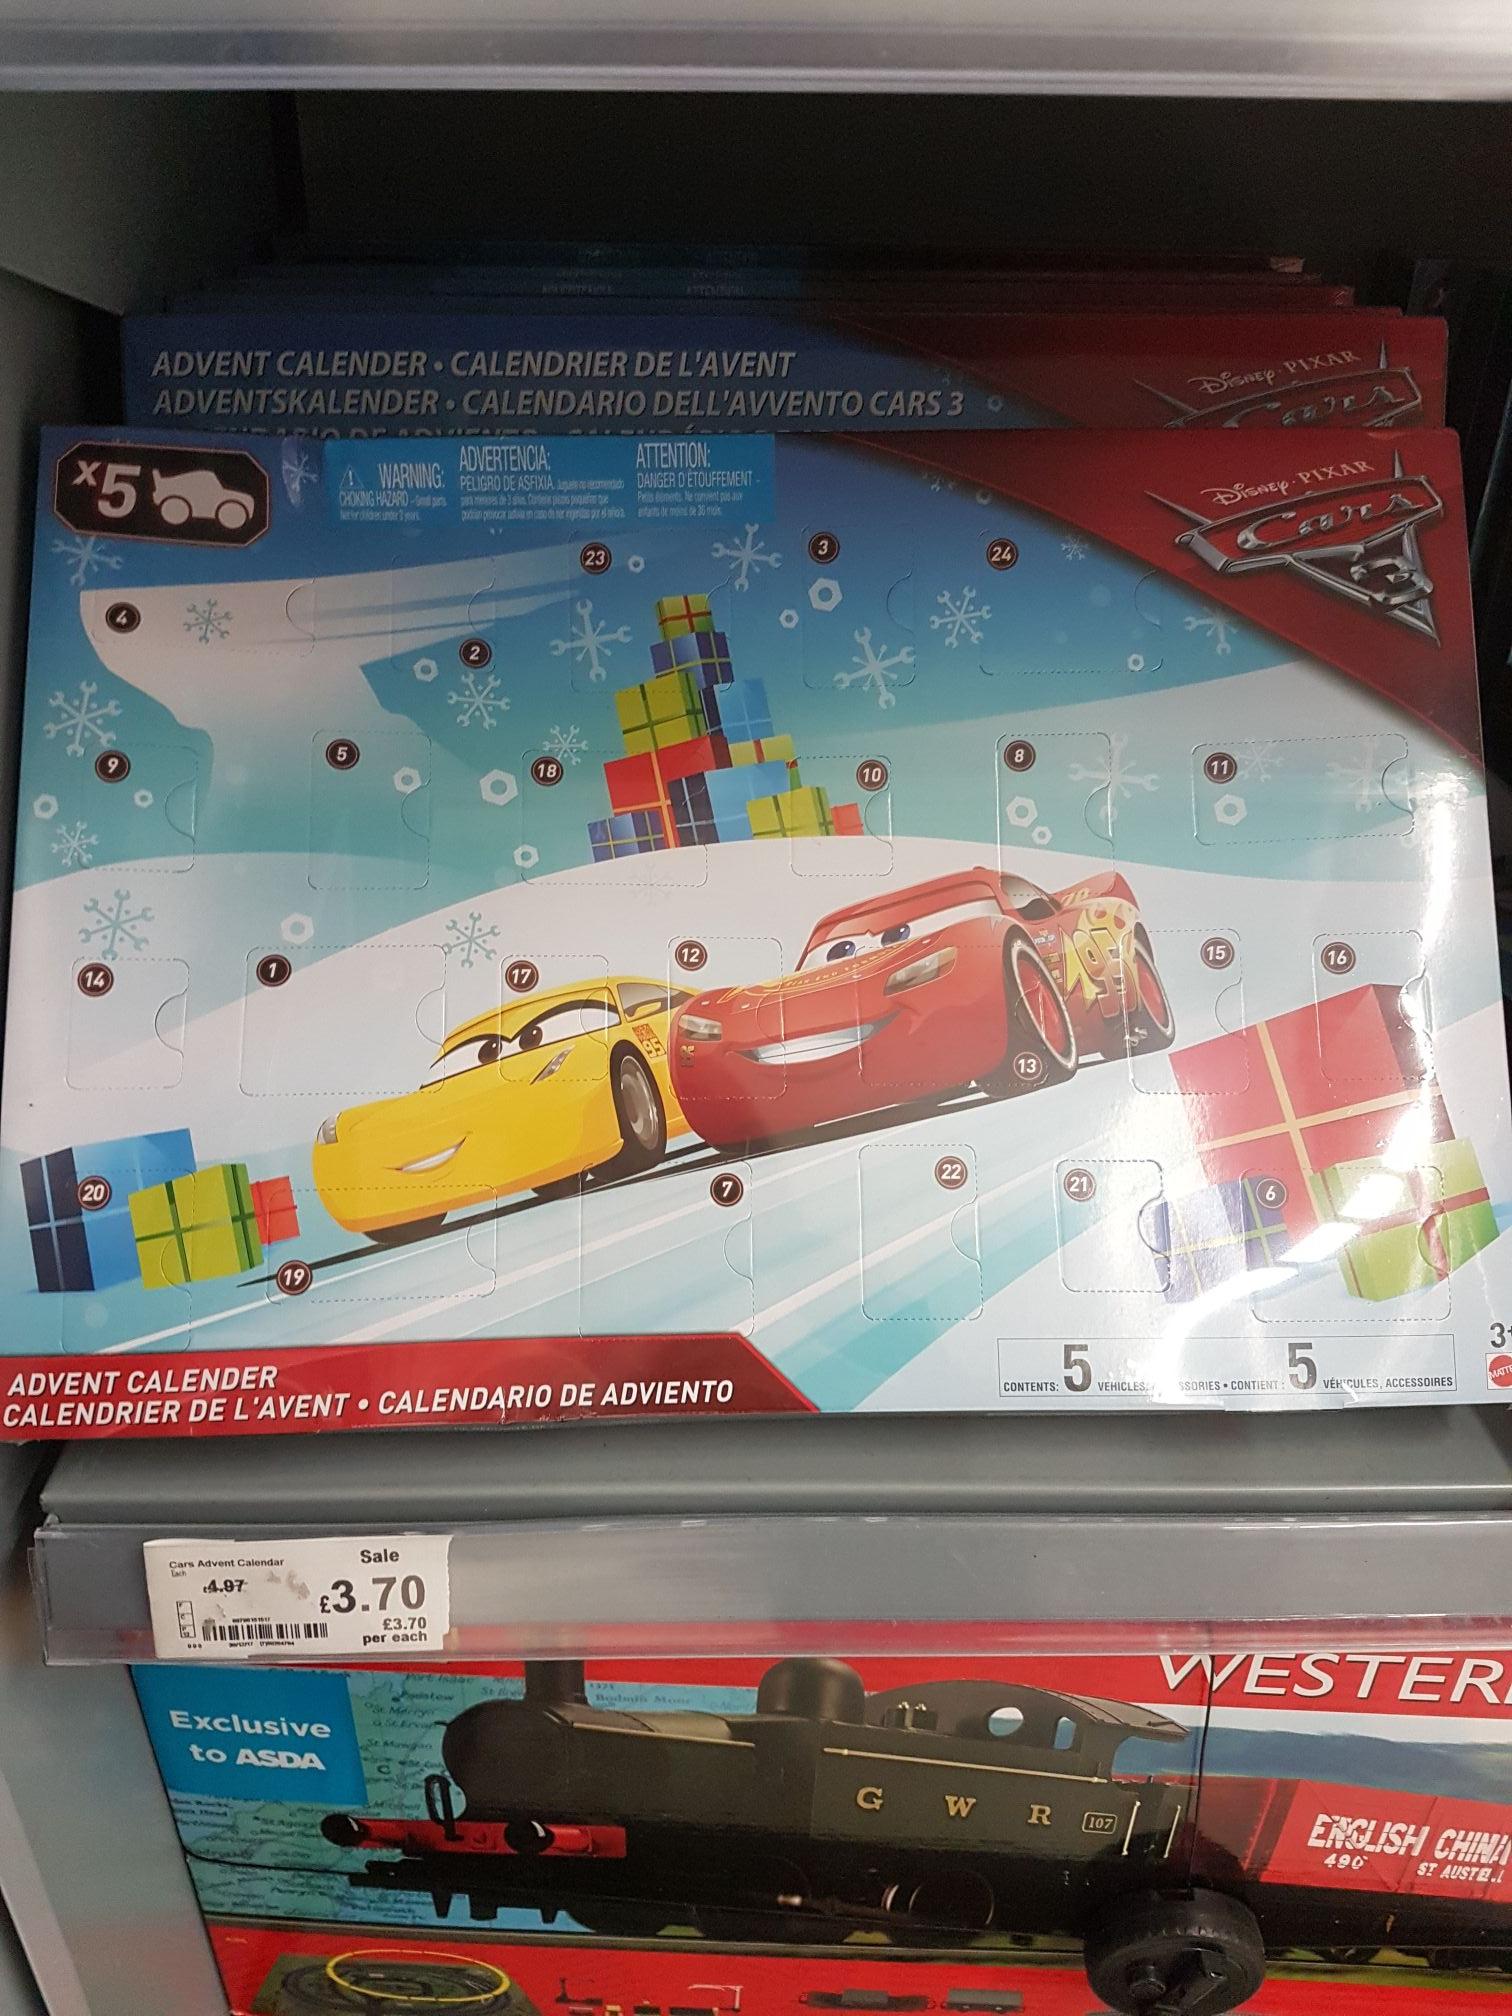 disney cars advent calendar now £3.70 asda instore